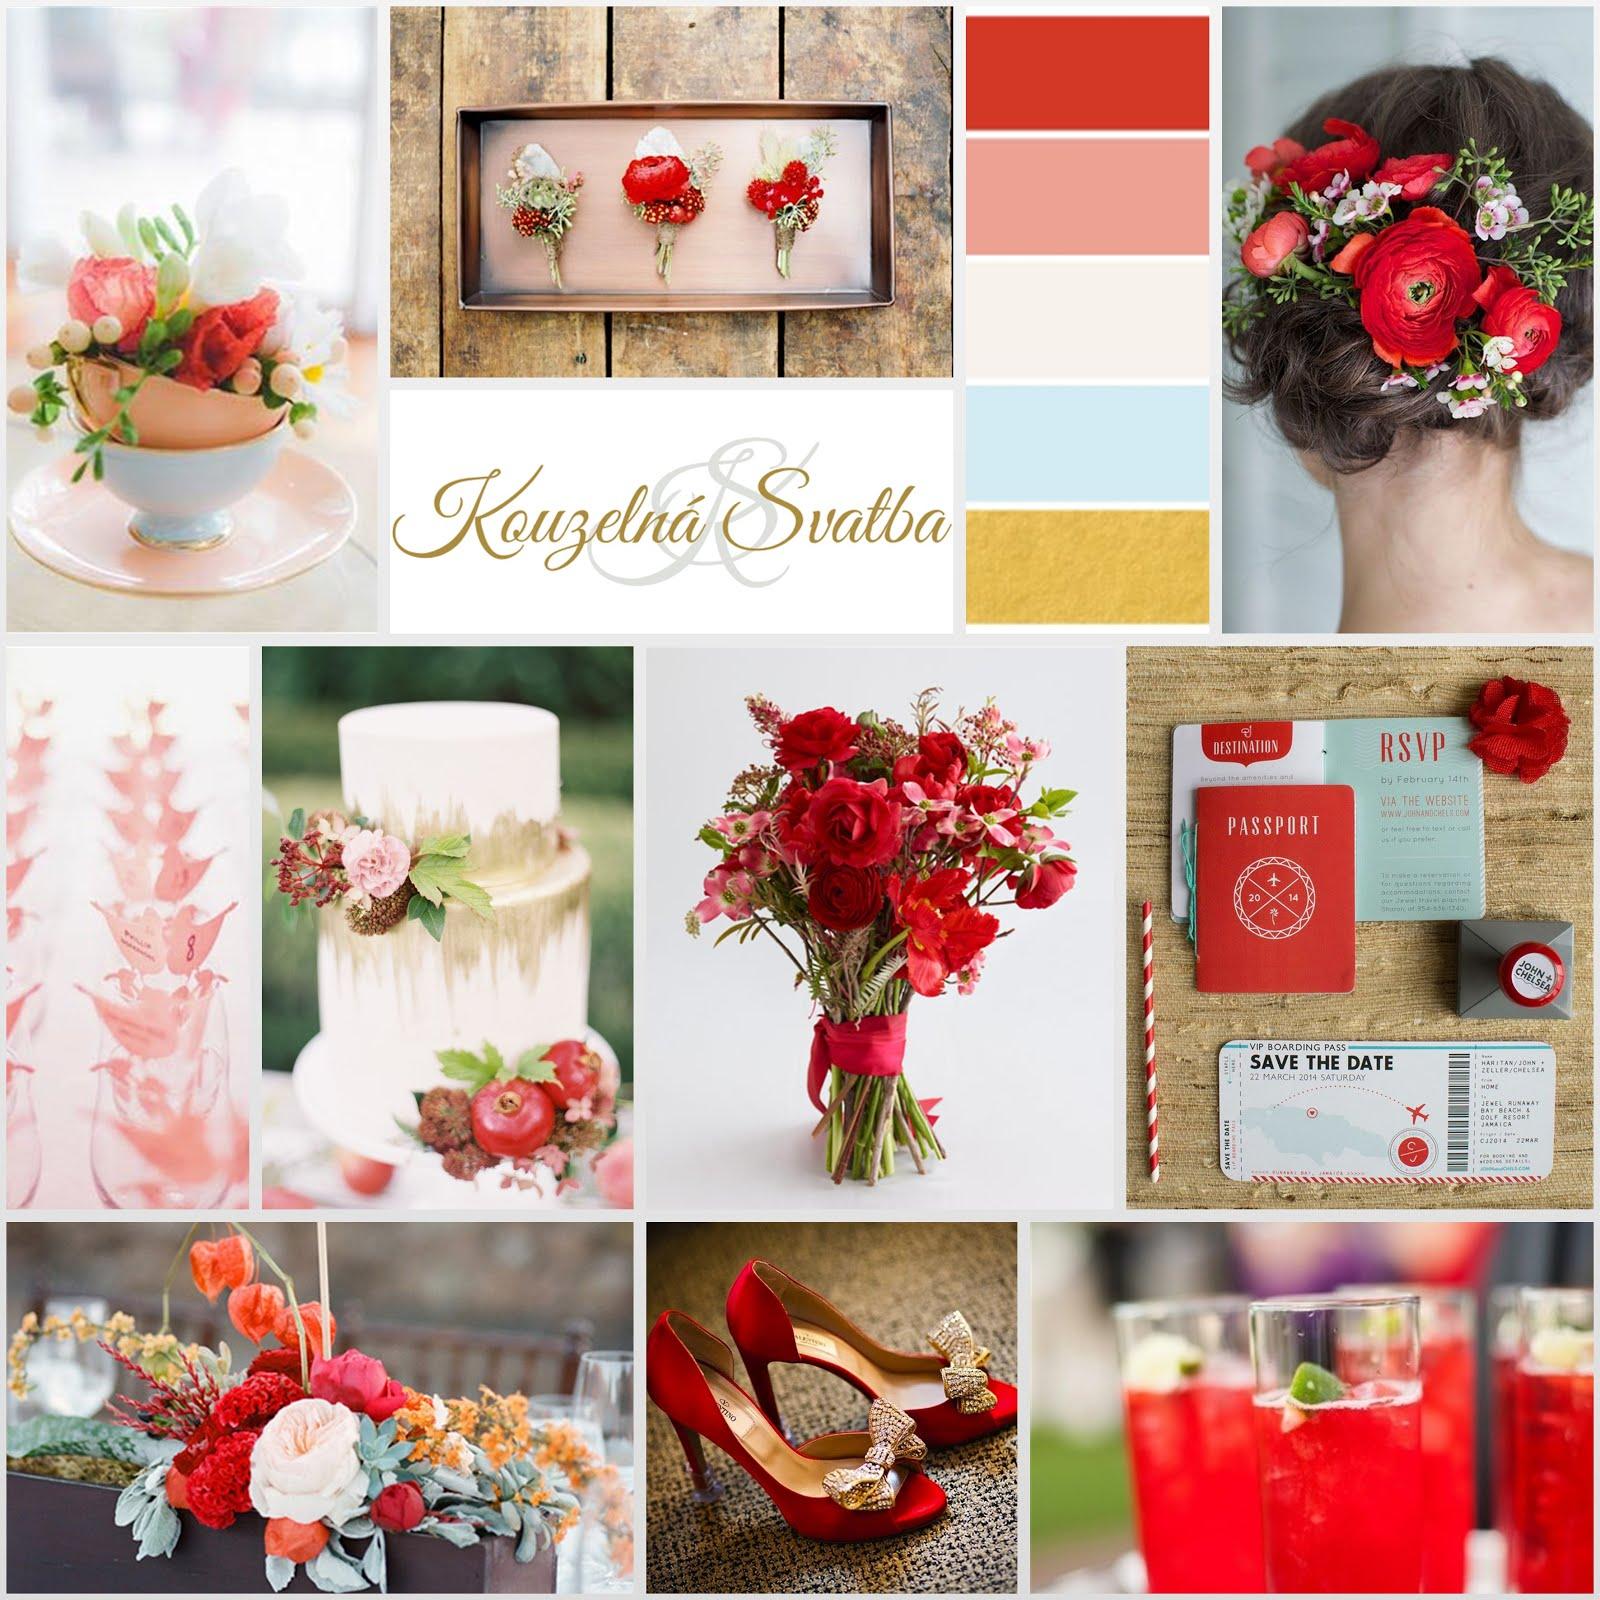 10 Barev Pro Originalni Svatbu Svatebni Blog